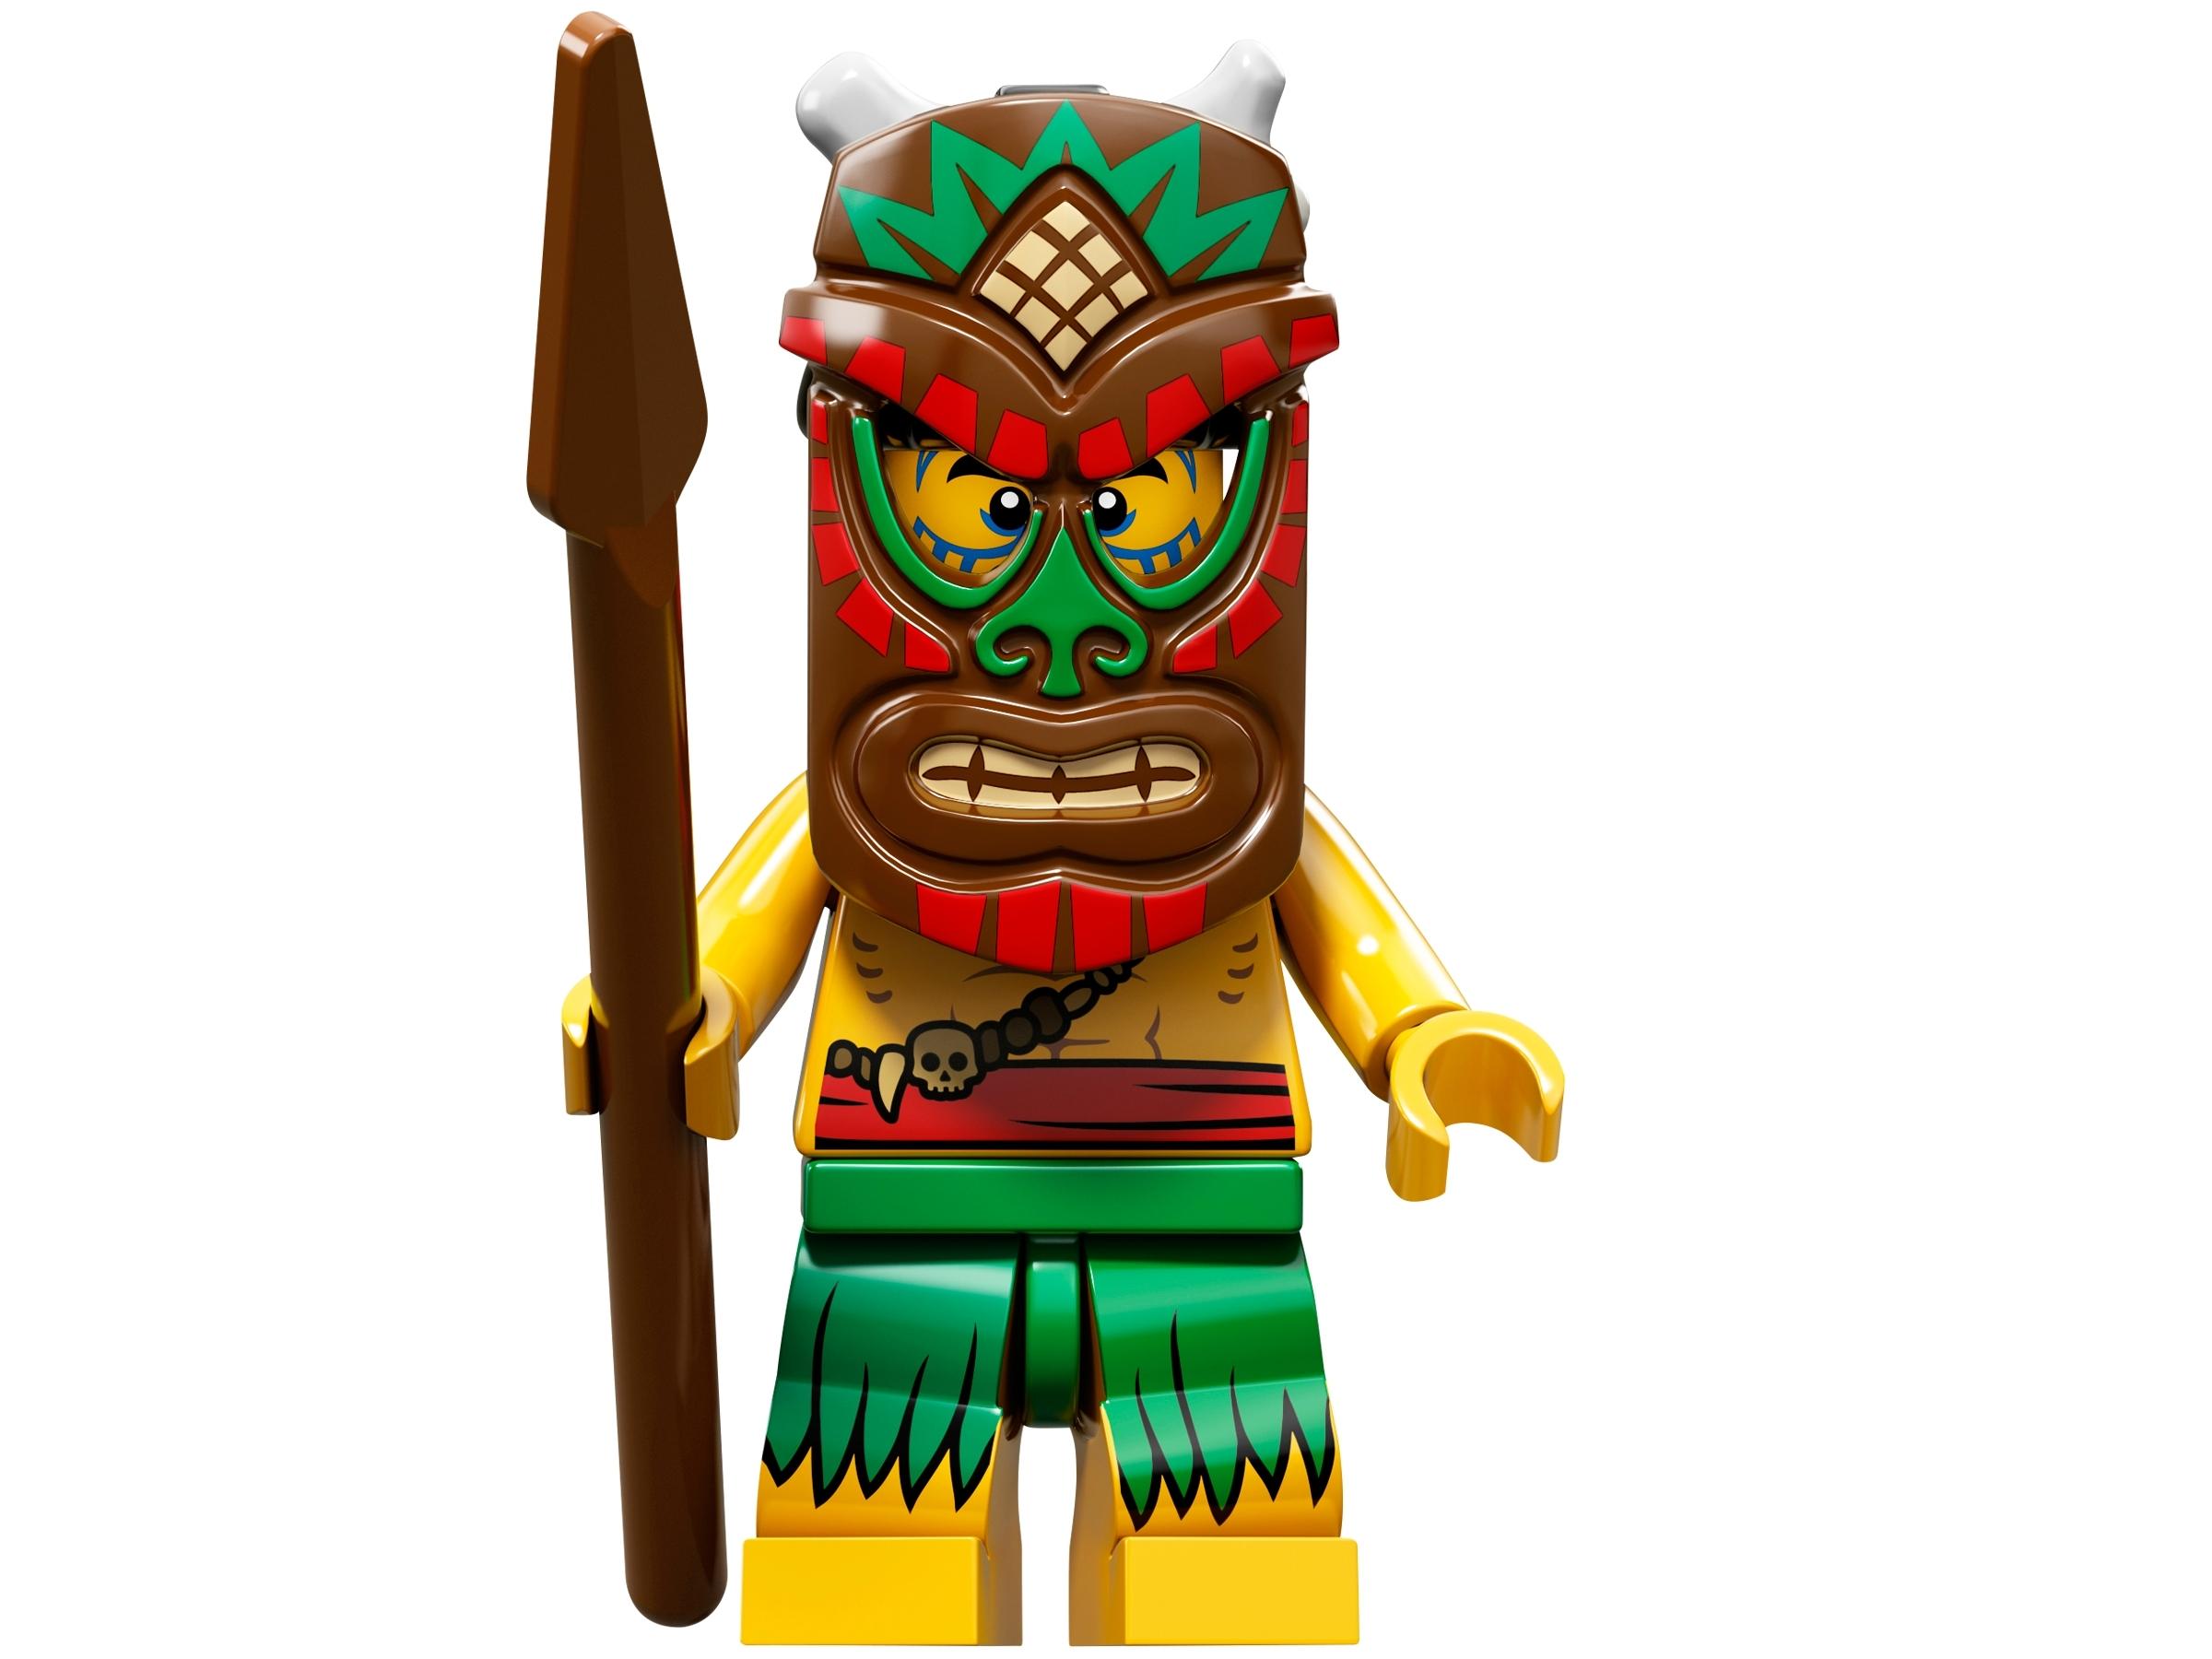 Plaque /& Accessoires LEGO-Série 11 FCM-Bretzel Fille-Véritable figurine